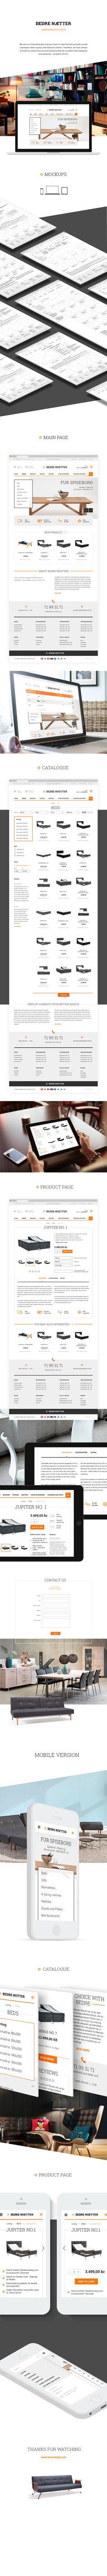 Bedrenaetter.dk, Site © BASOV DESIGN